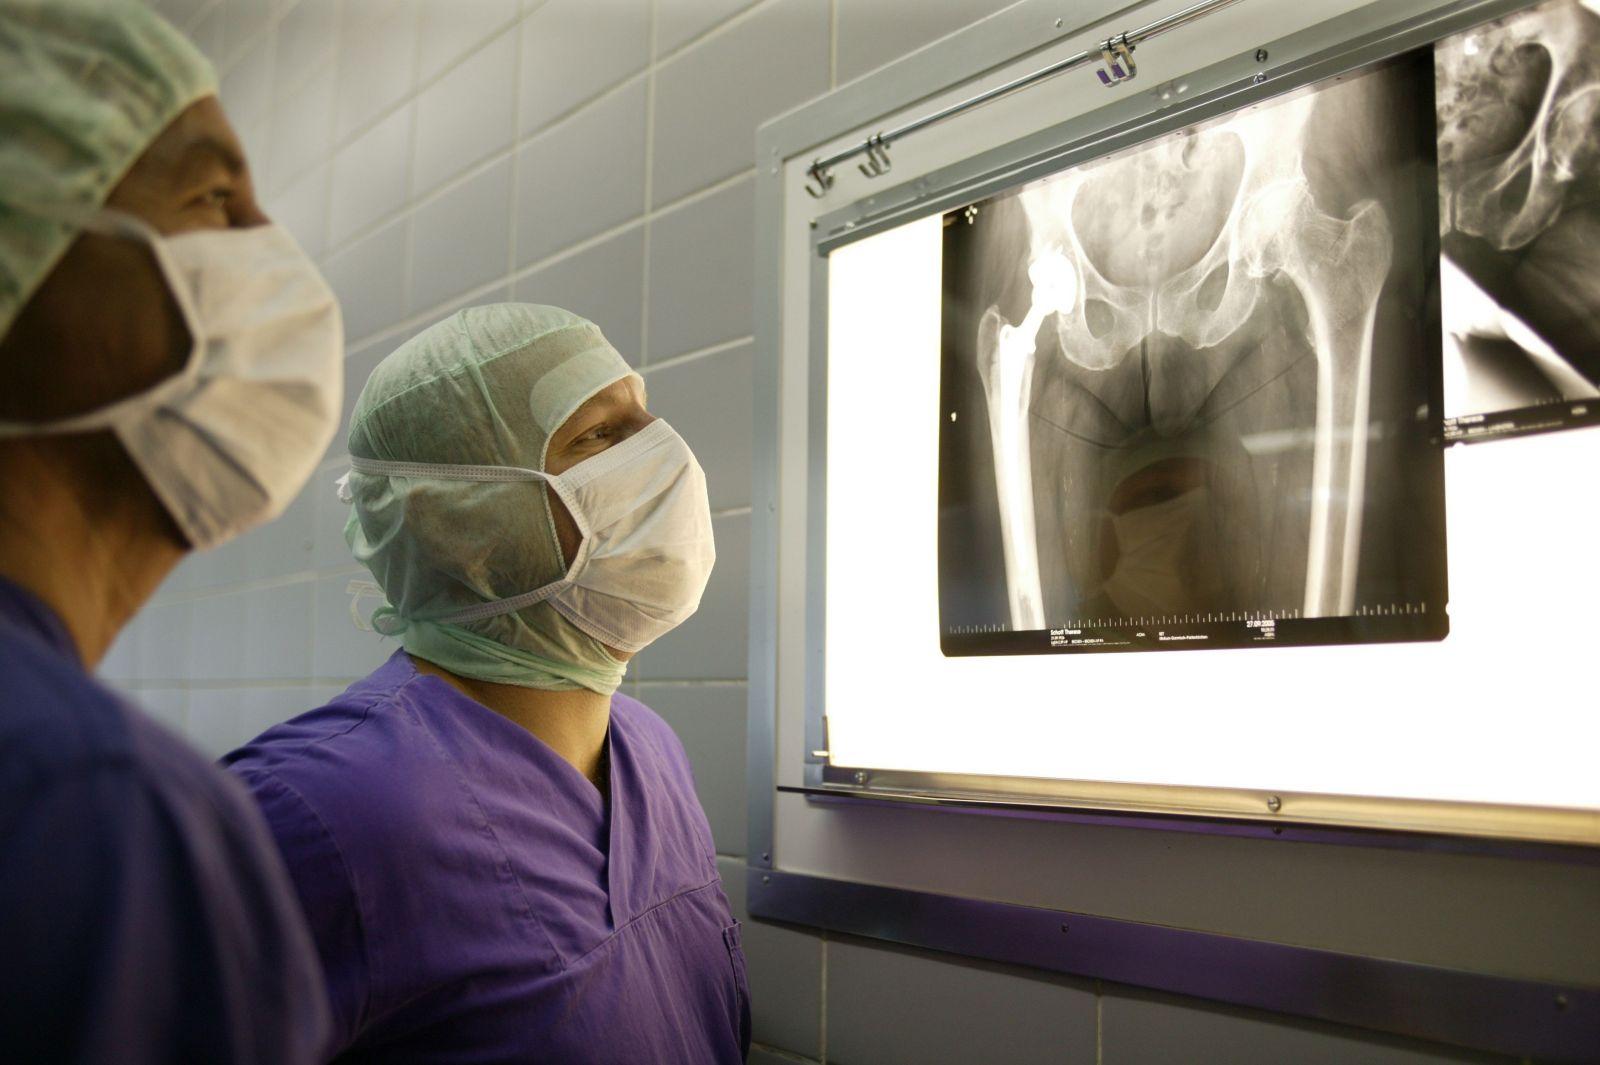 Протезрование сустава шейки бедра саратов изменение в суставе при артрозе и артритах